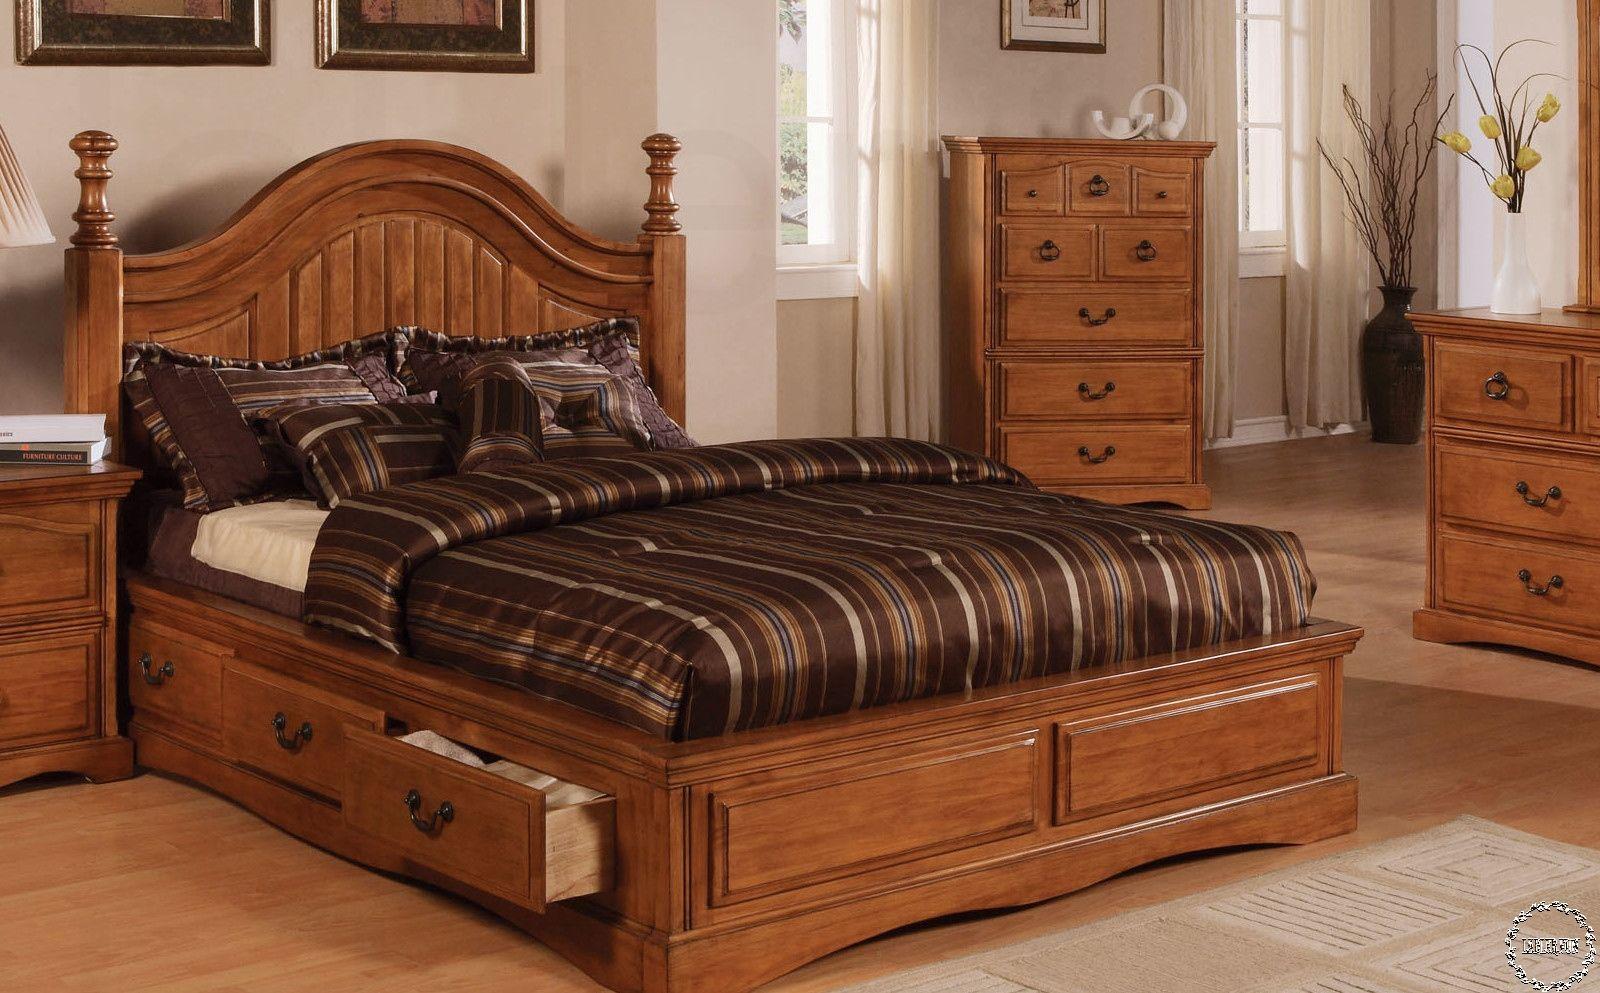 furniture design course Wood bedroom furniture sets